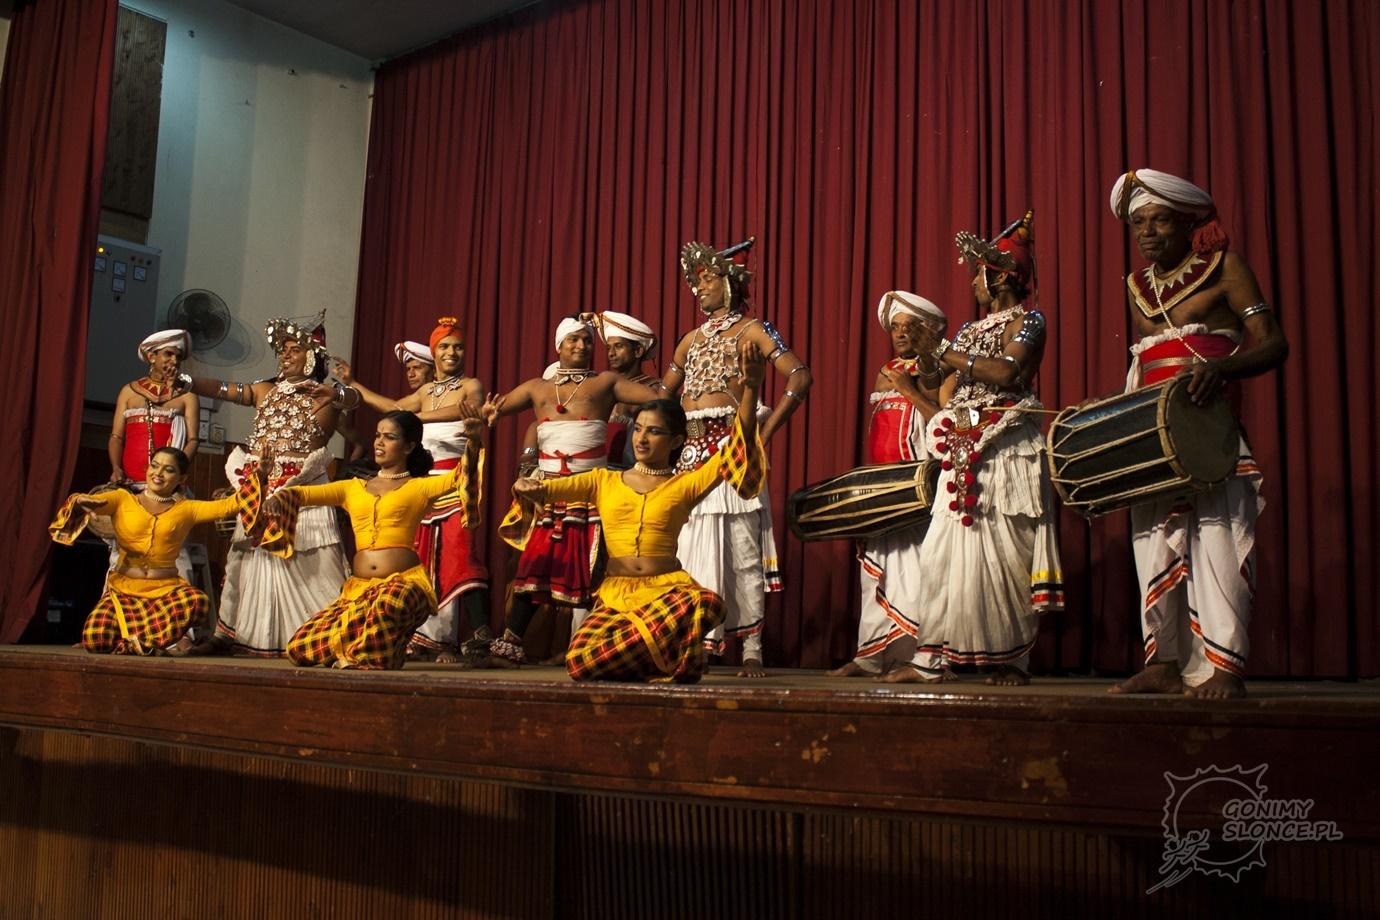 Kultura, taniec, muzyka, rytm, stroje i folklor - Sri Lanka